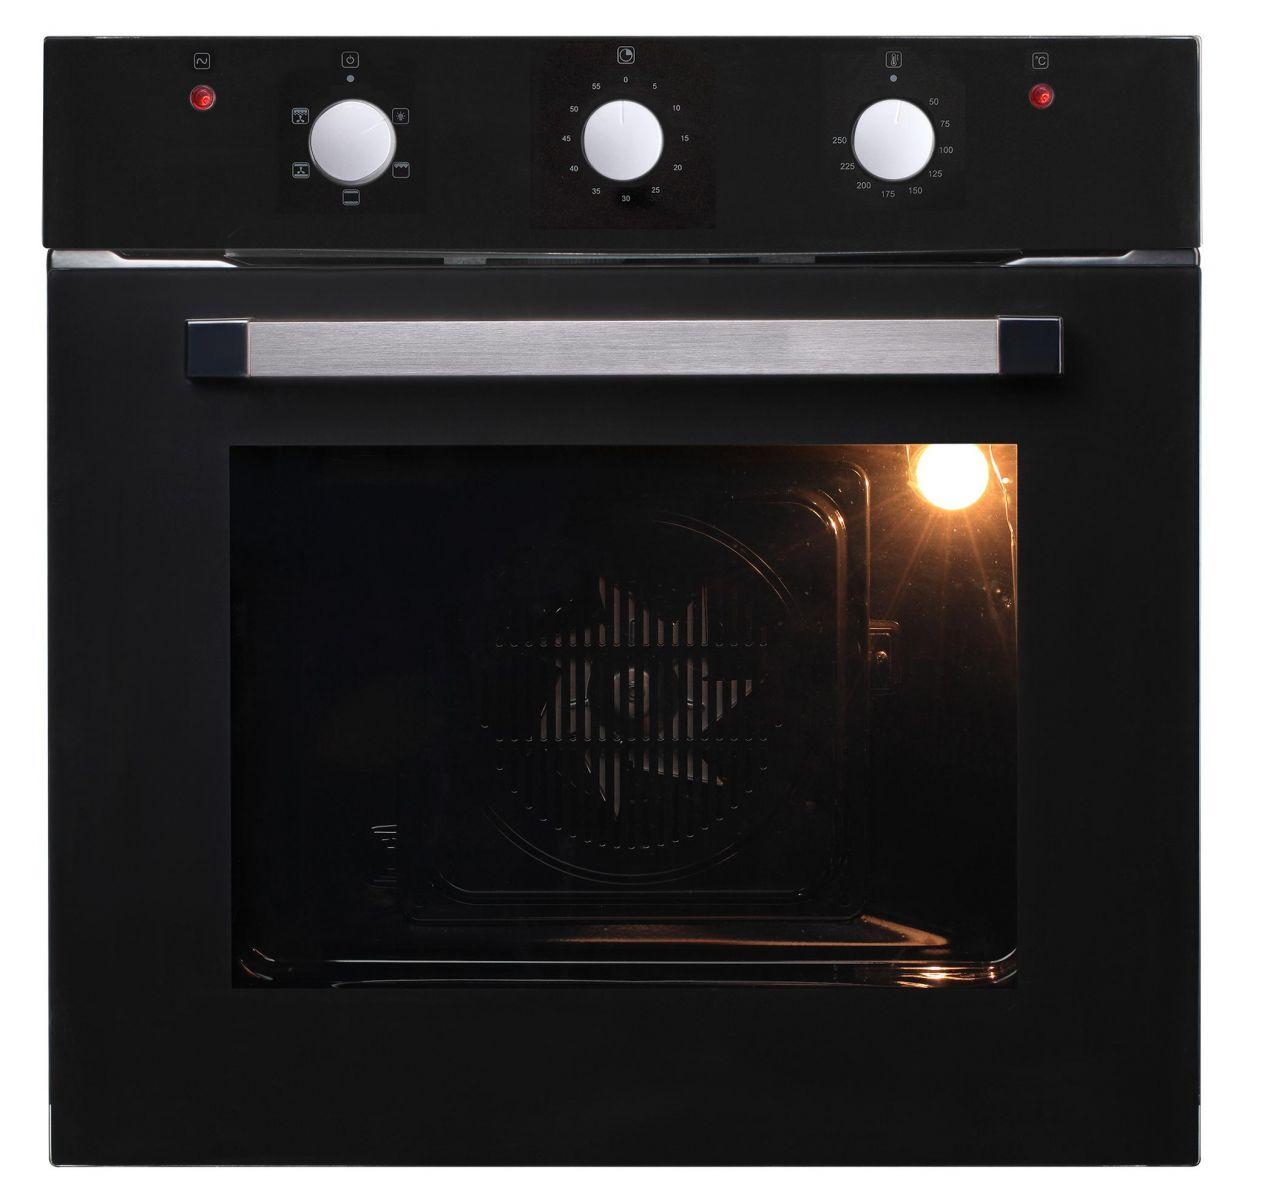 Lò nướng tích hợp âm tủ siêu thông minh   Capri CR-602M   Hàng chính hãng, bảo hành tận nơi lên đến 2 năm   Mang trái tim ấm áp đến ngôi nhà của bạn